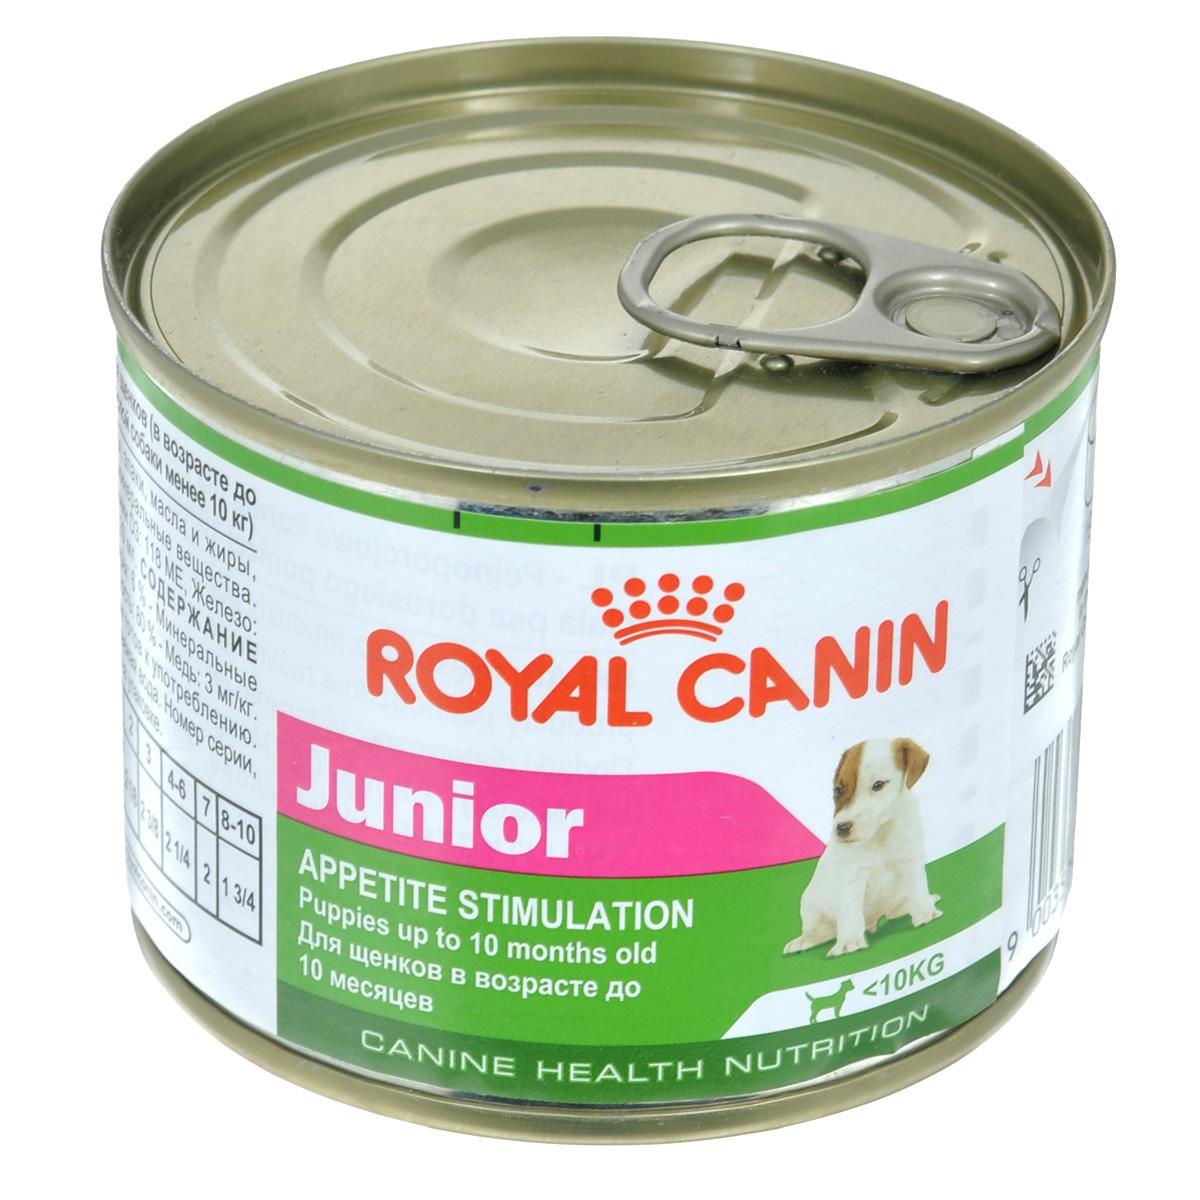 Консервы Royal Canin Junior, для щенков мелких пород, 195 г добавки для роста мышц